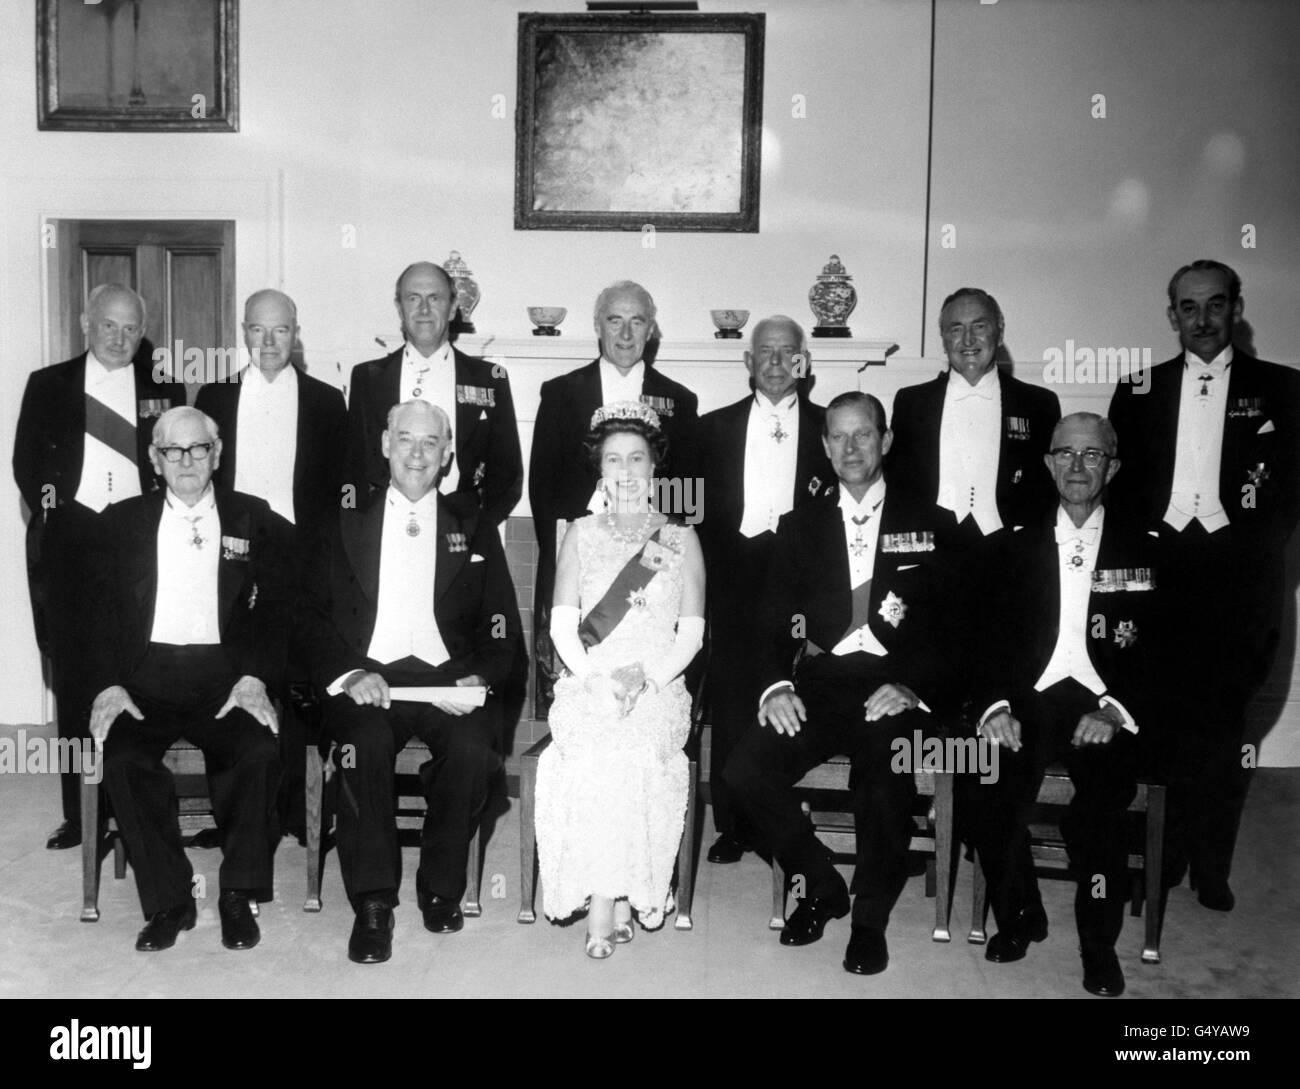 Royalty - Queen Elizabeth II Visit to New Zealand - Stock Image